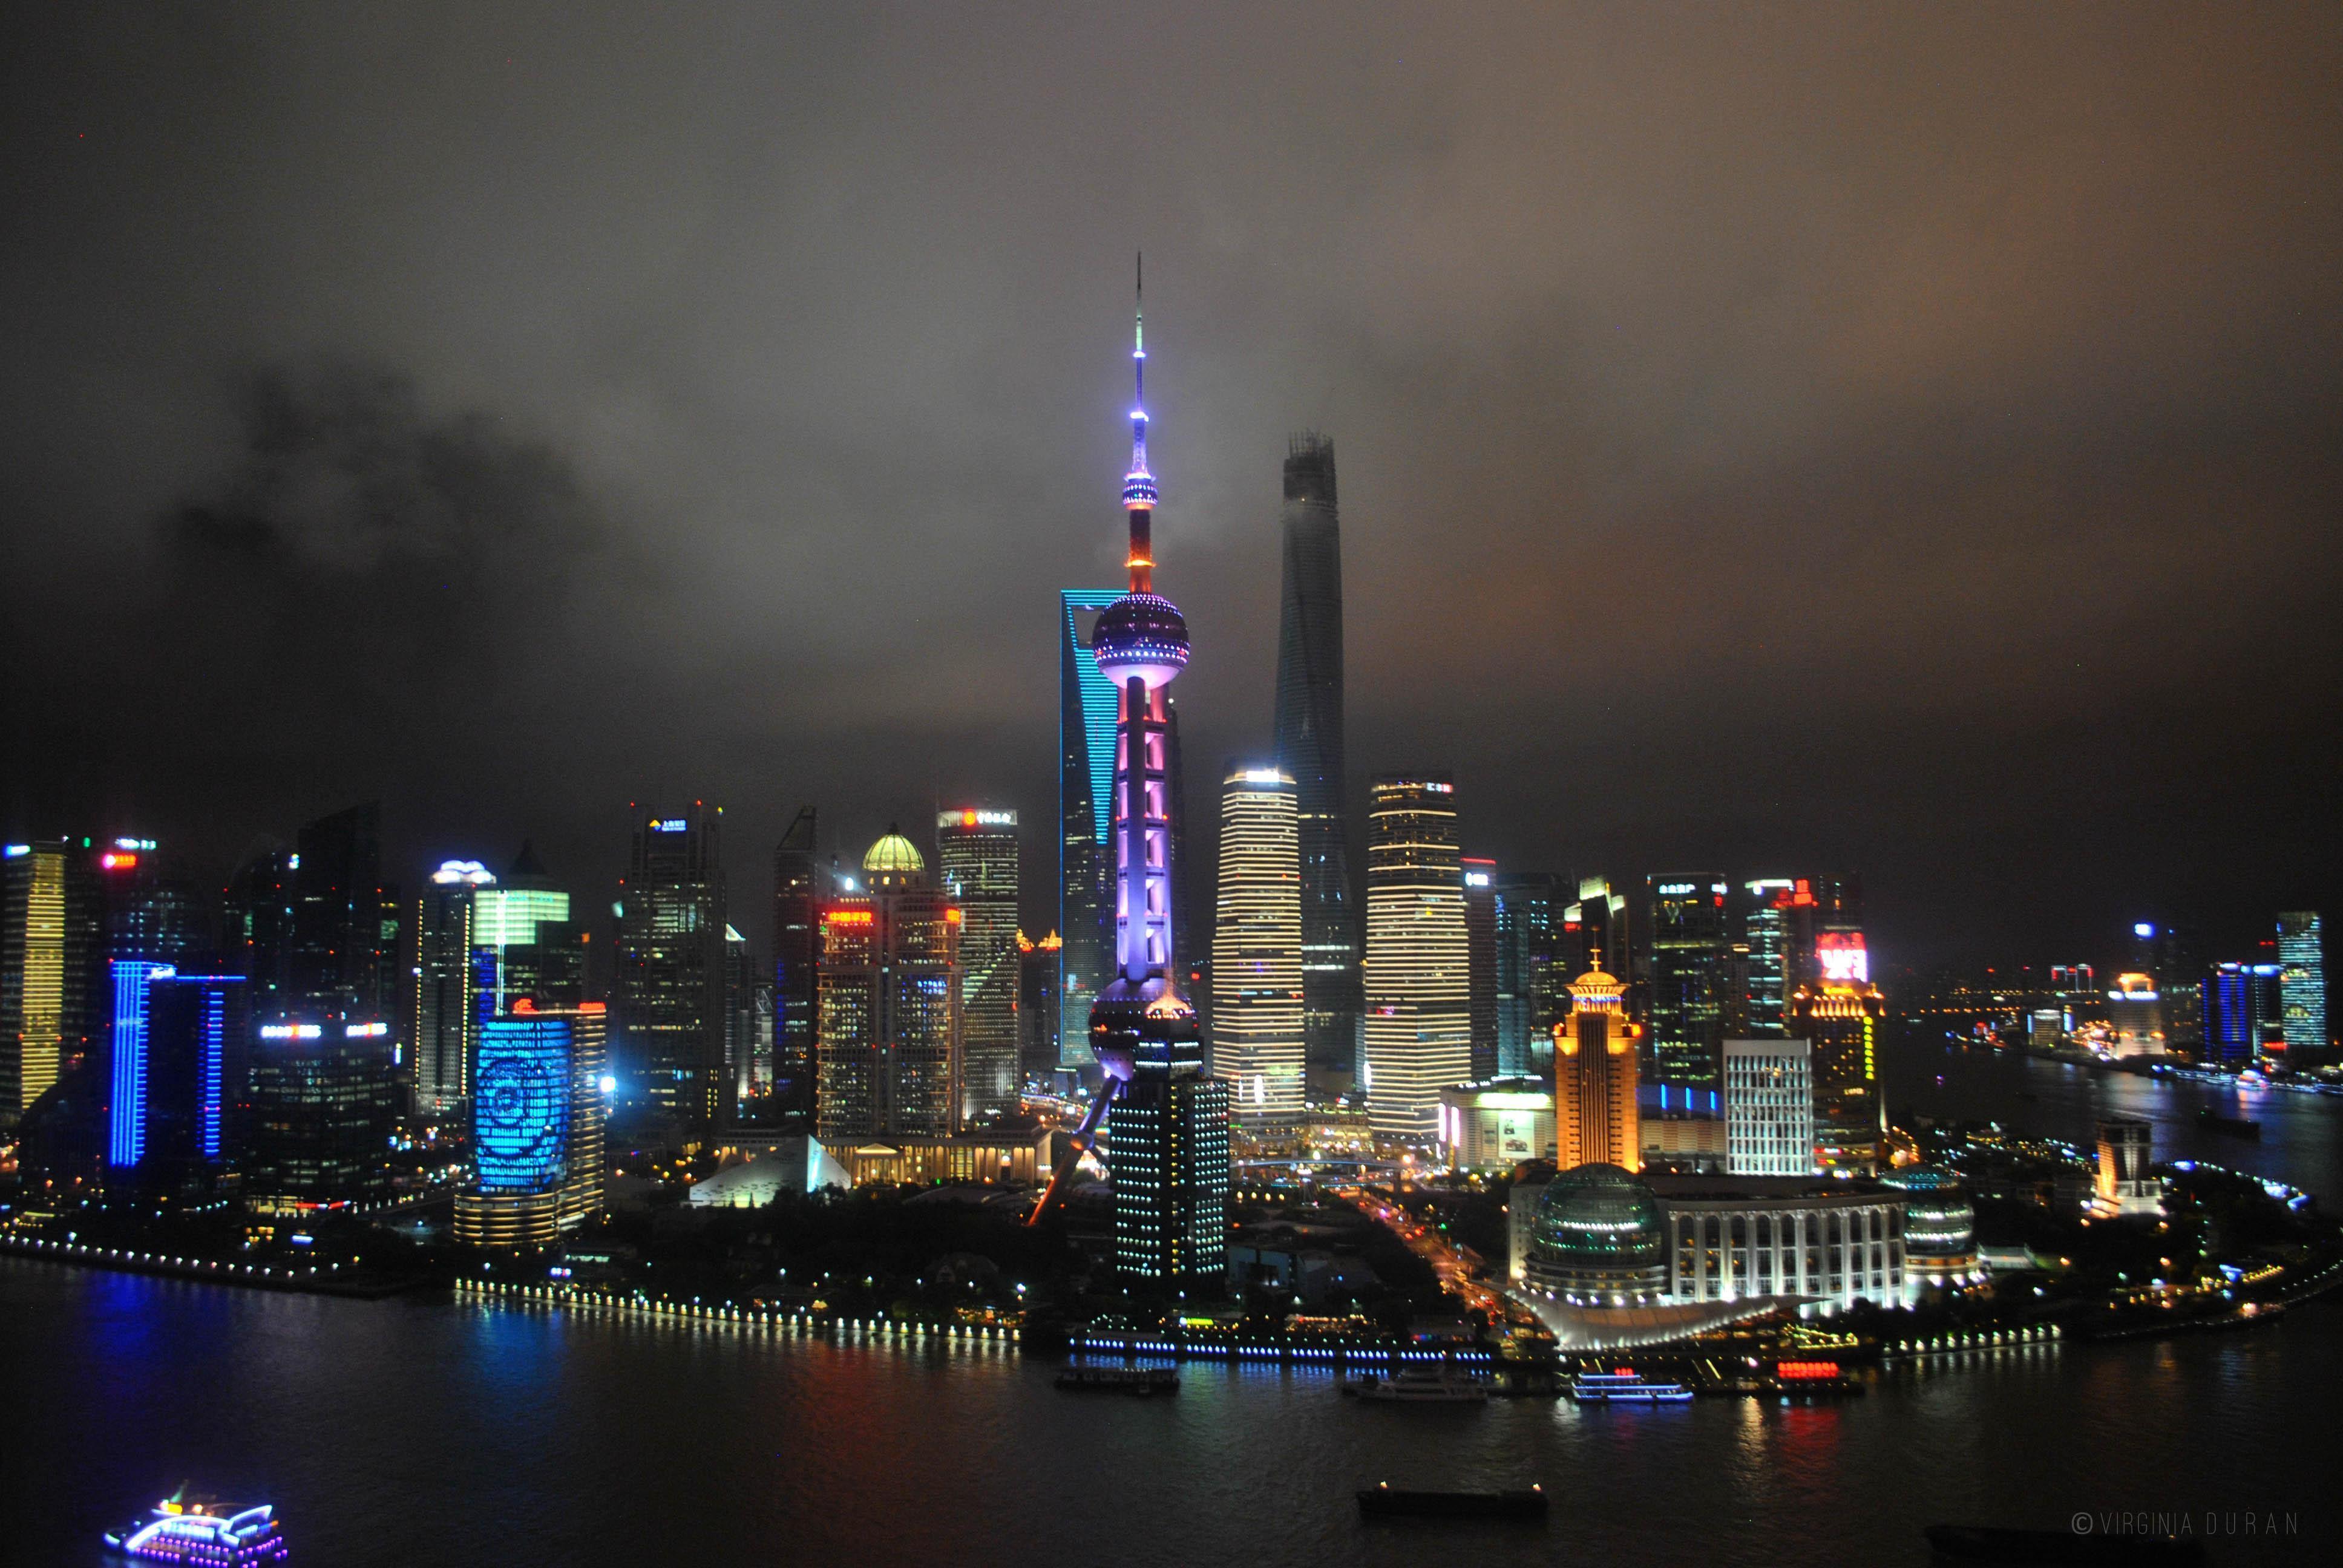 wallpaper shanghai - photo #14